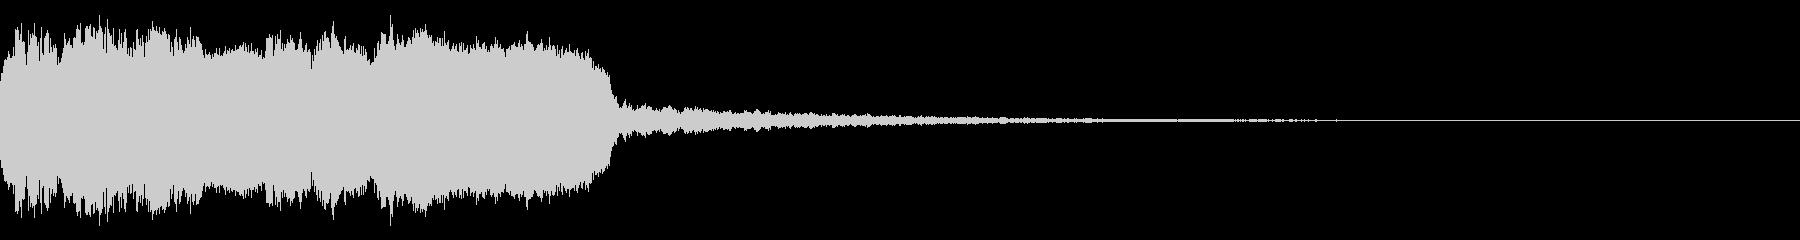 DJFX ヒットチャート発表前SE 22の未再生の波形